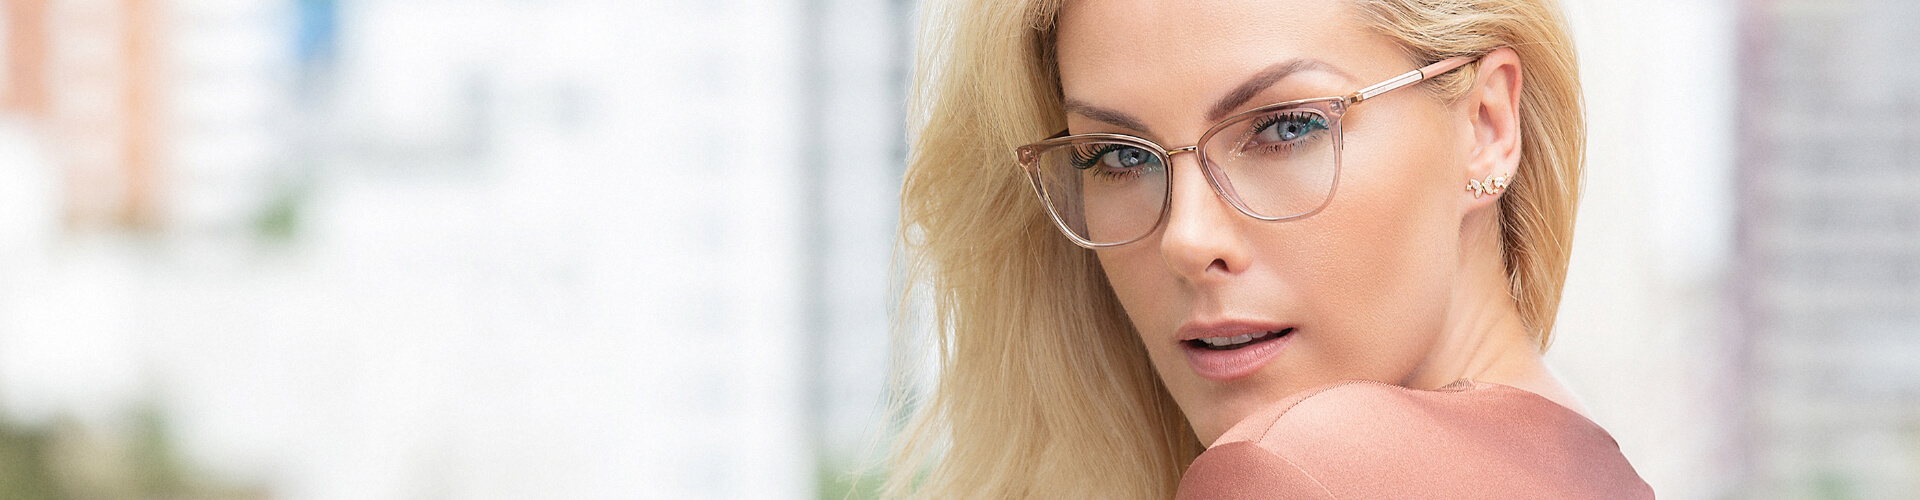 Designer Glasses